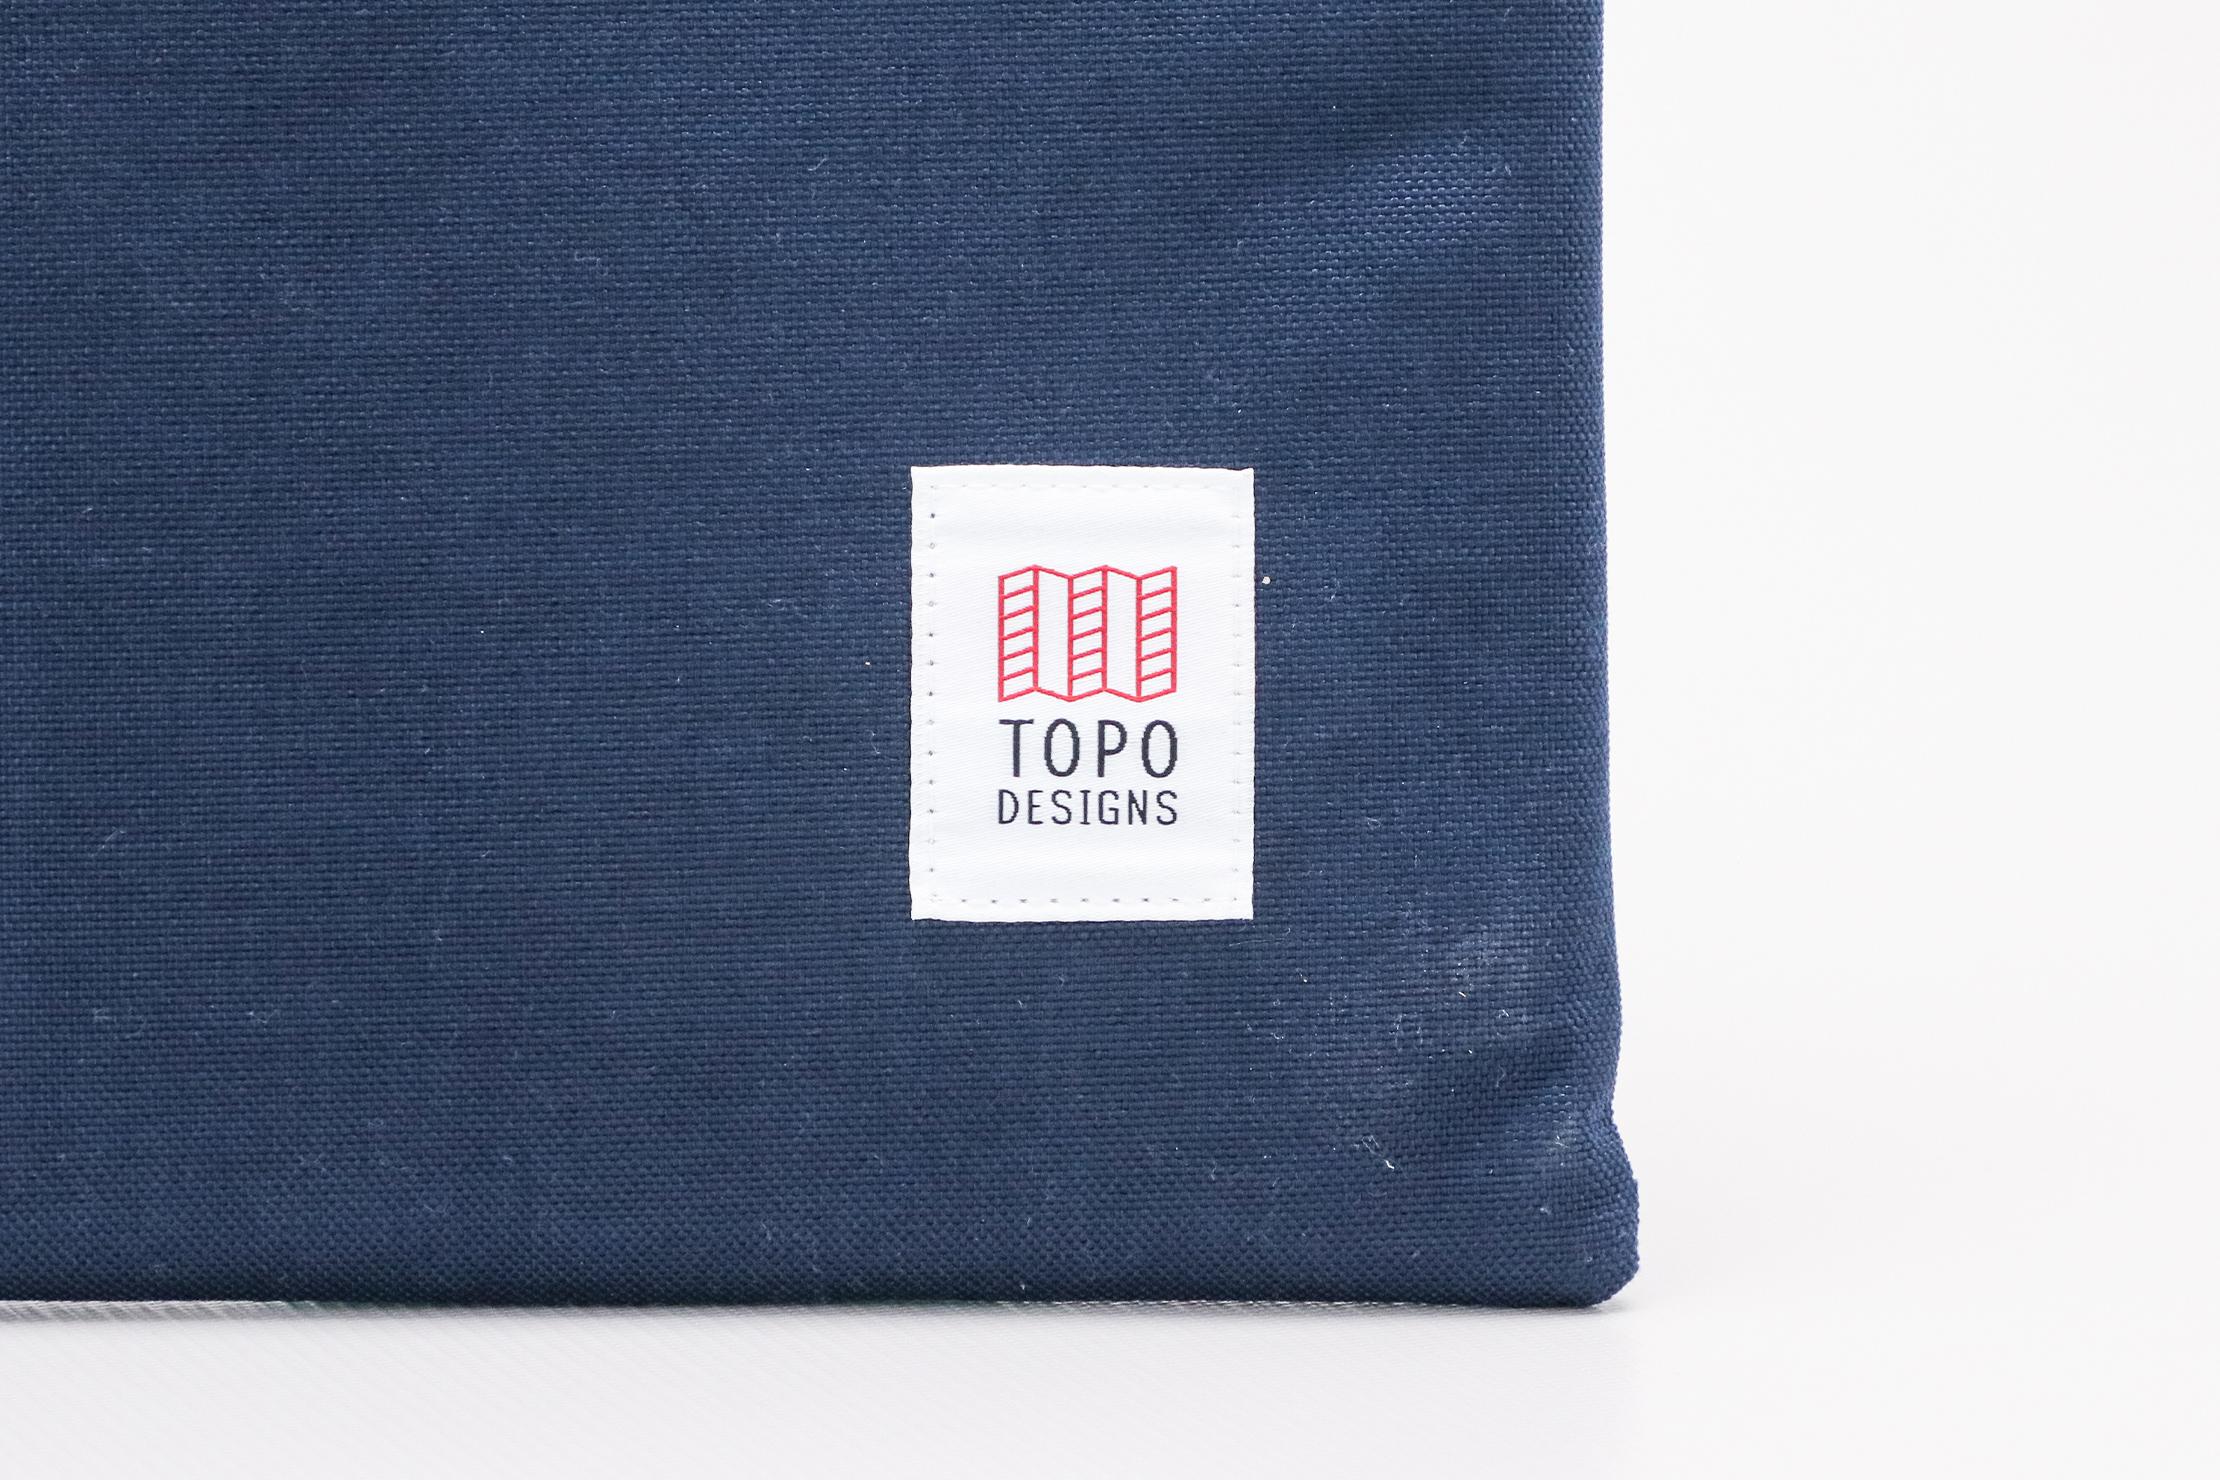 Topo Designs Laptop Sleeve Logo Closeup